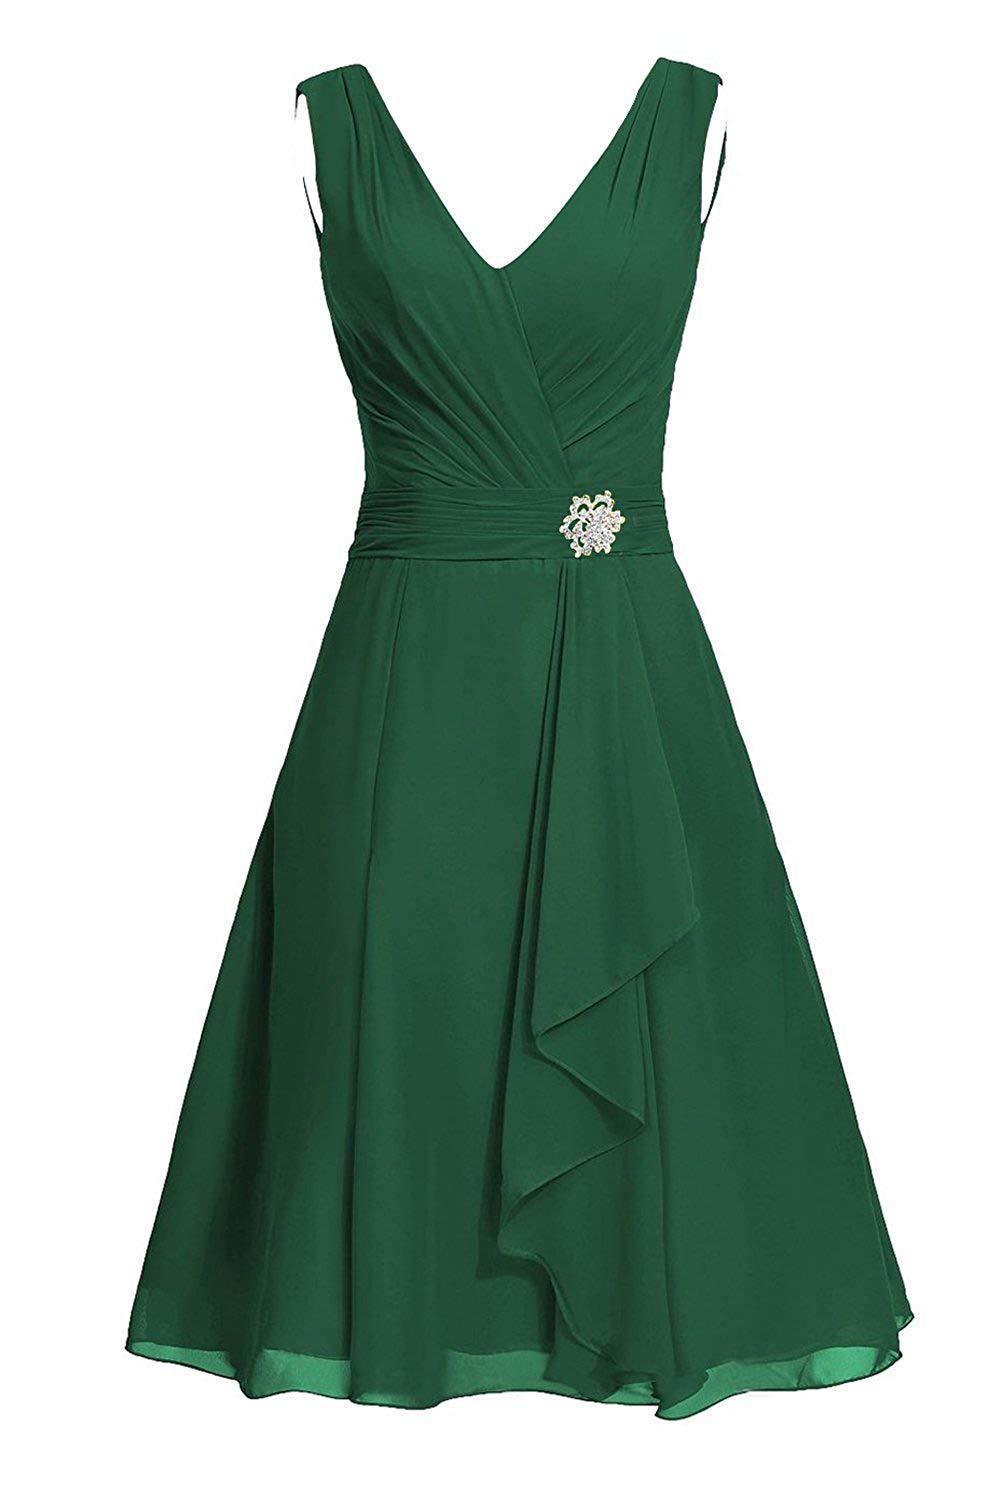 Courte élégante en mousseline de soie chaude col en v cristaux perles robes de Cocktail courte robe de retour robe formelle Ilbies tal-koktejl